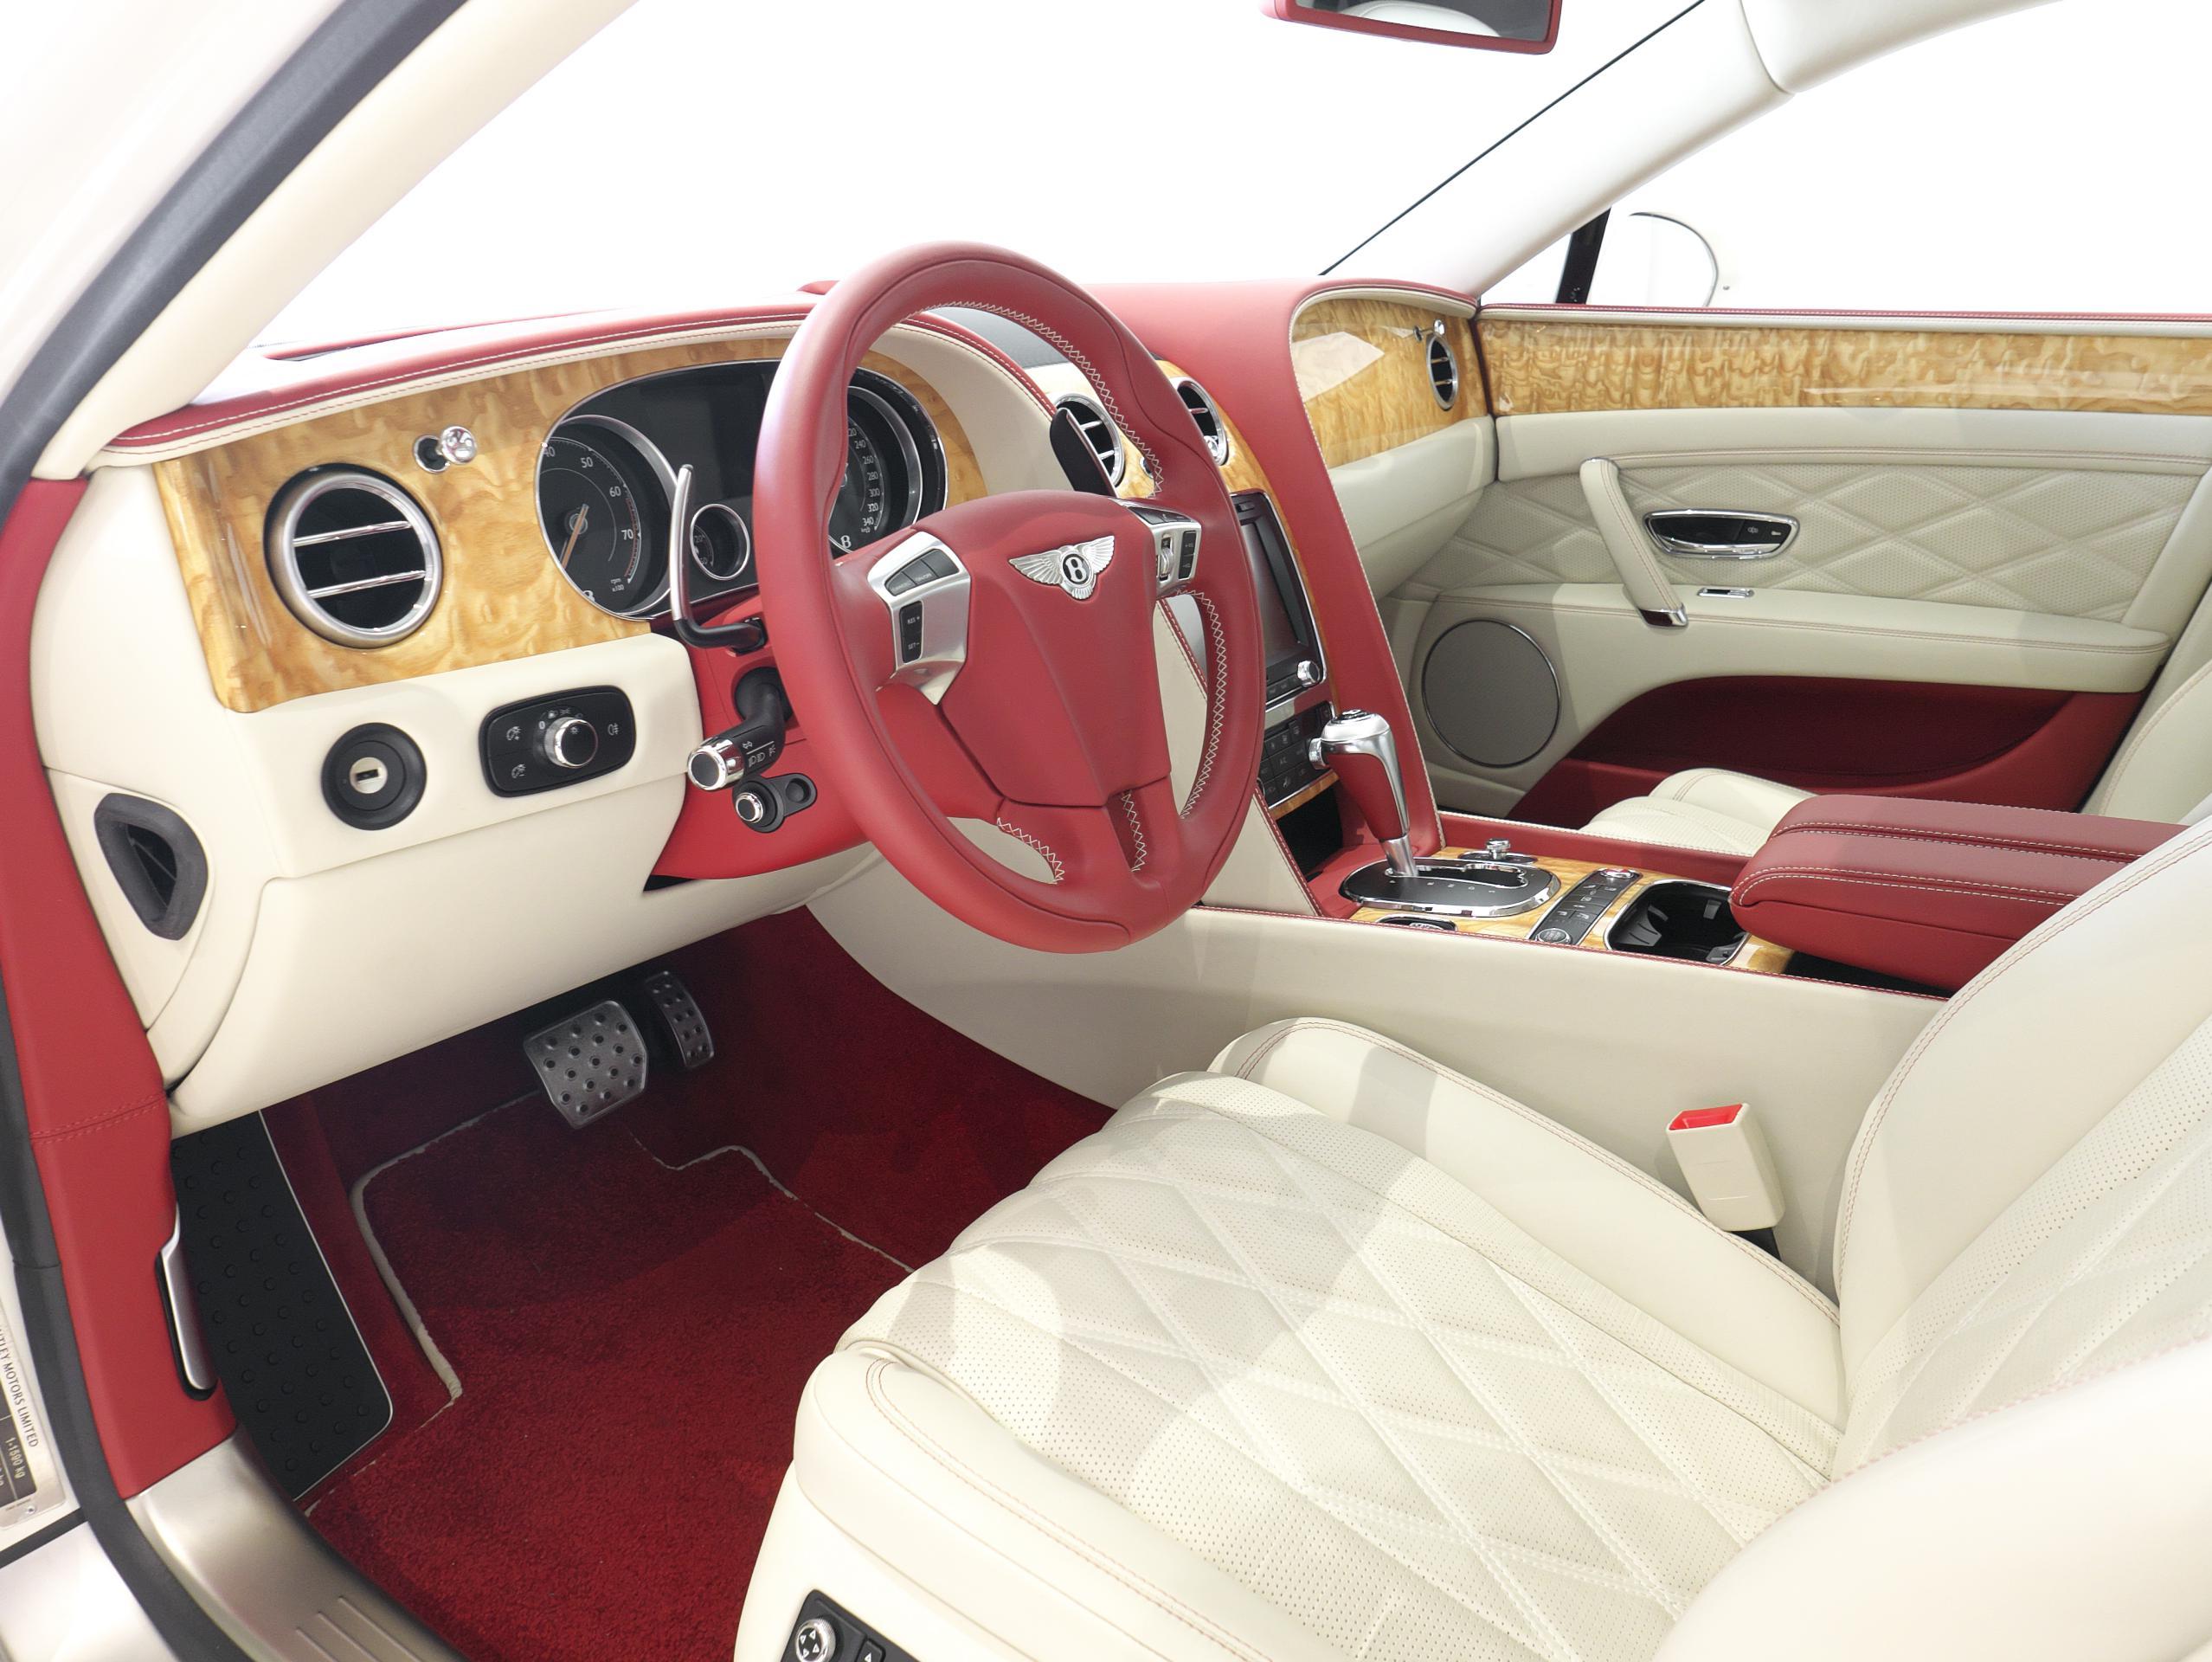 ベントレー フライングスパー W12 運転席シート